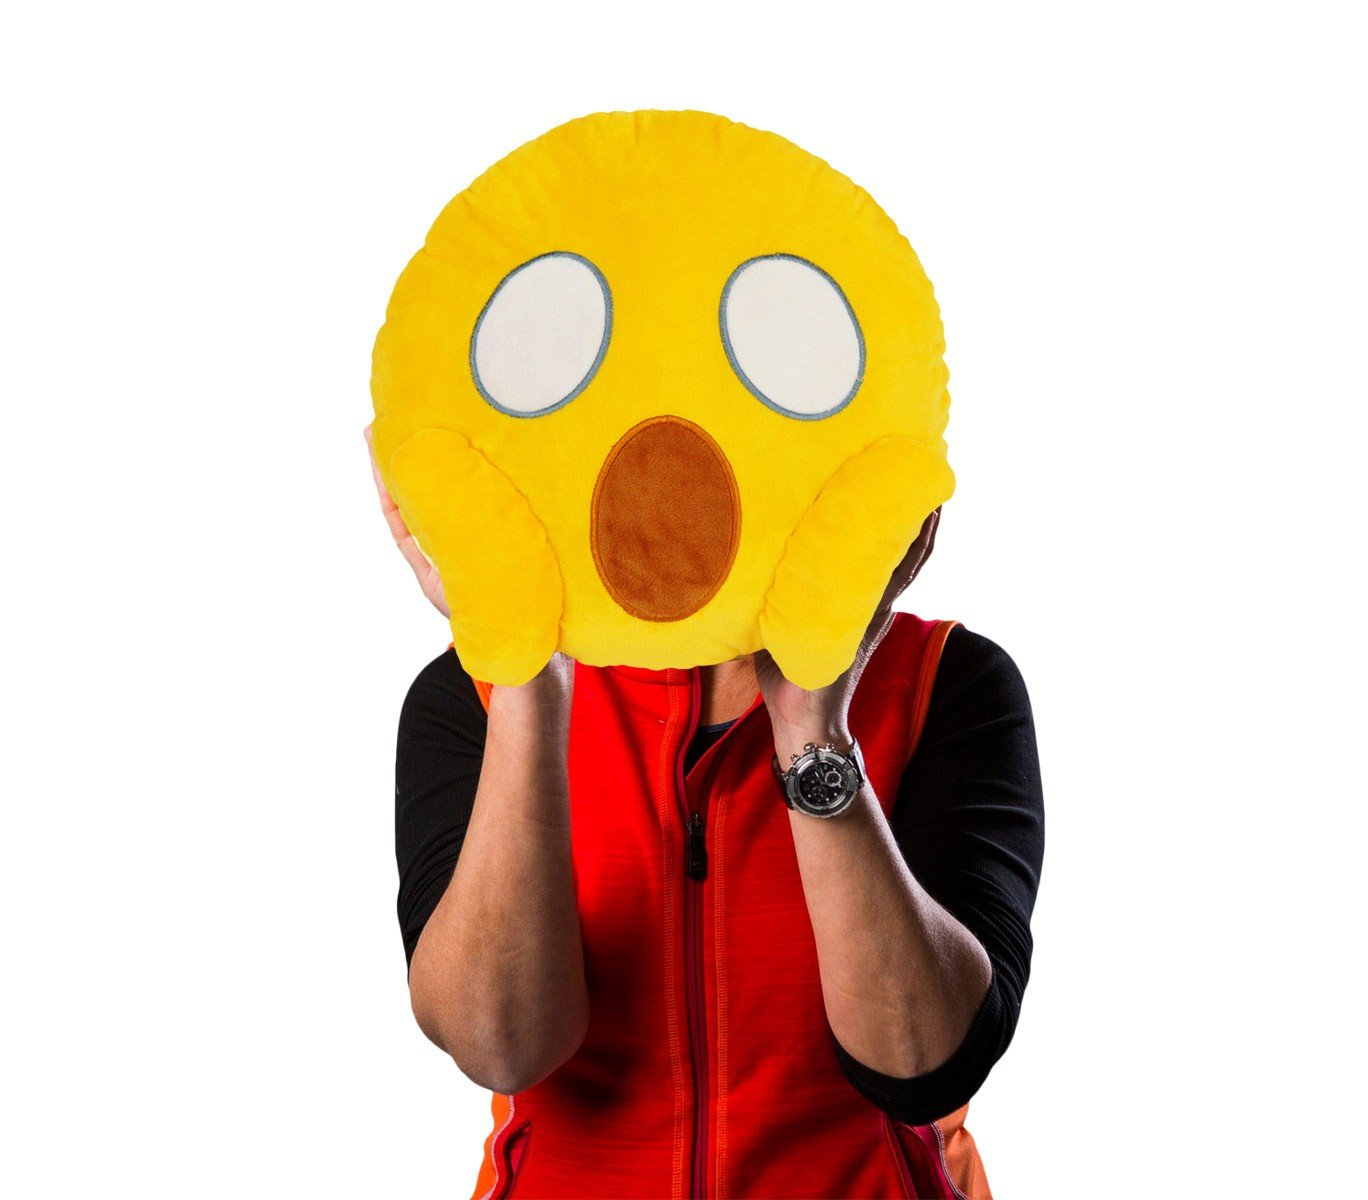 MEDIA WAVE store 557315A Cuscino Emoji Viso Che urla dalla Paura Colore Giallo /ø 30 cm Circa